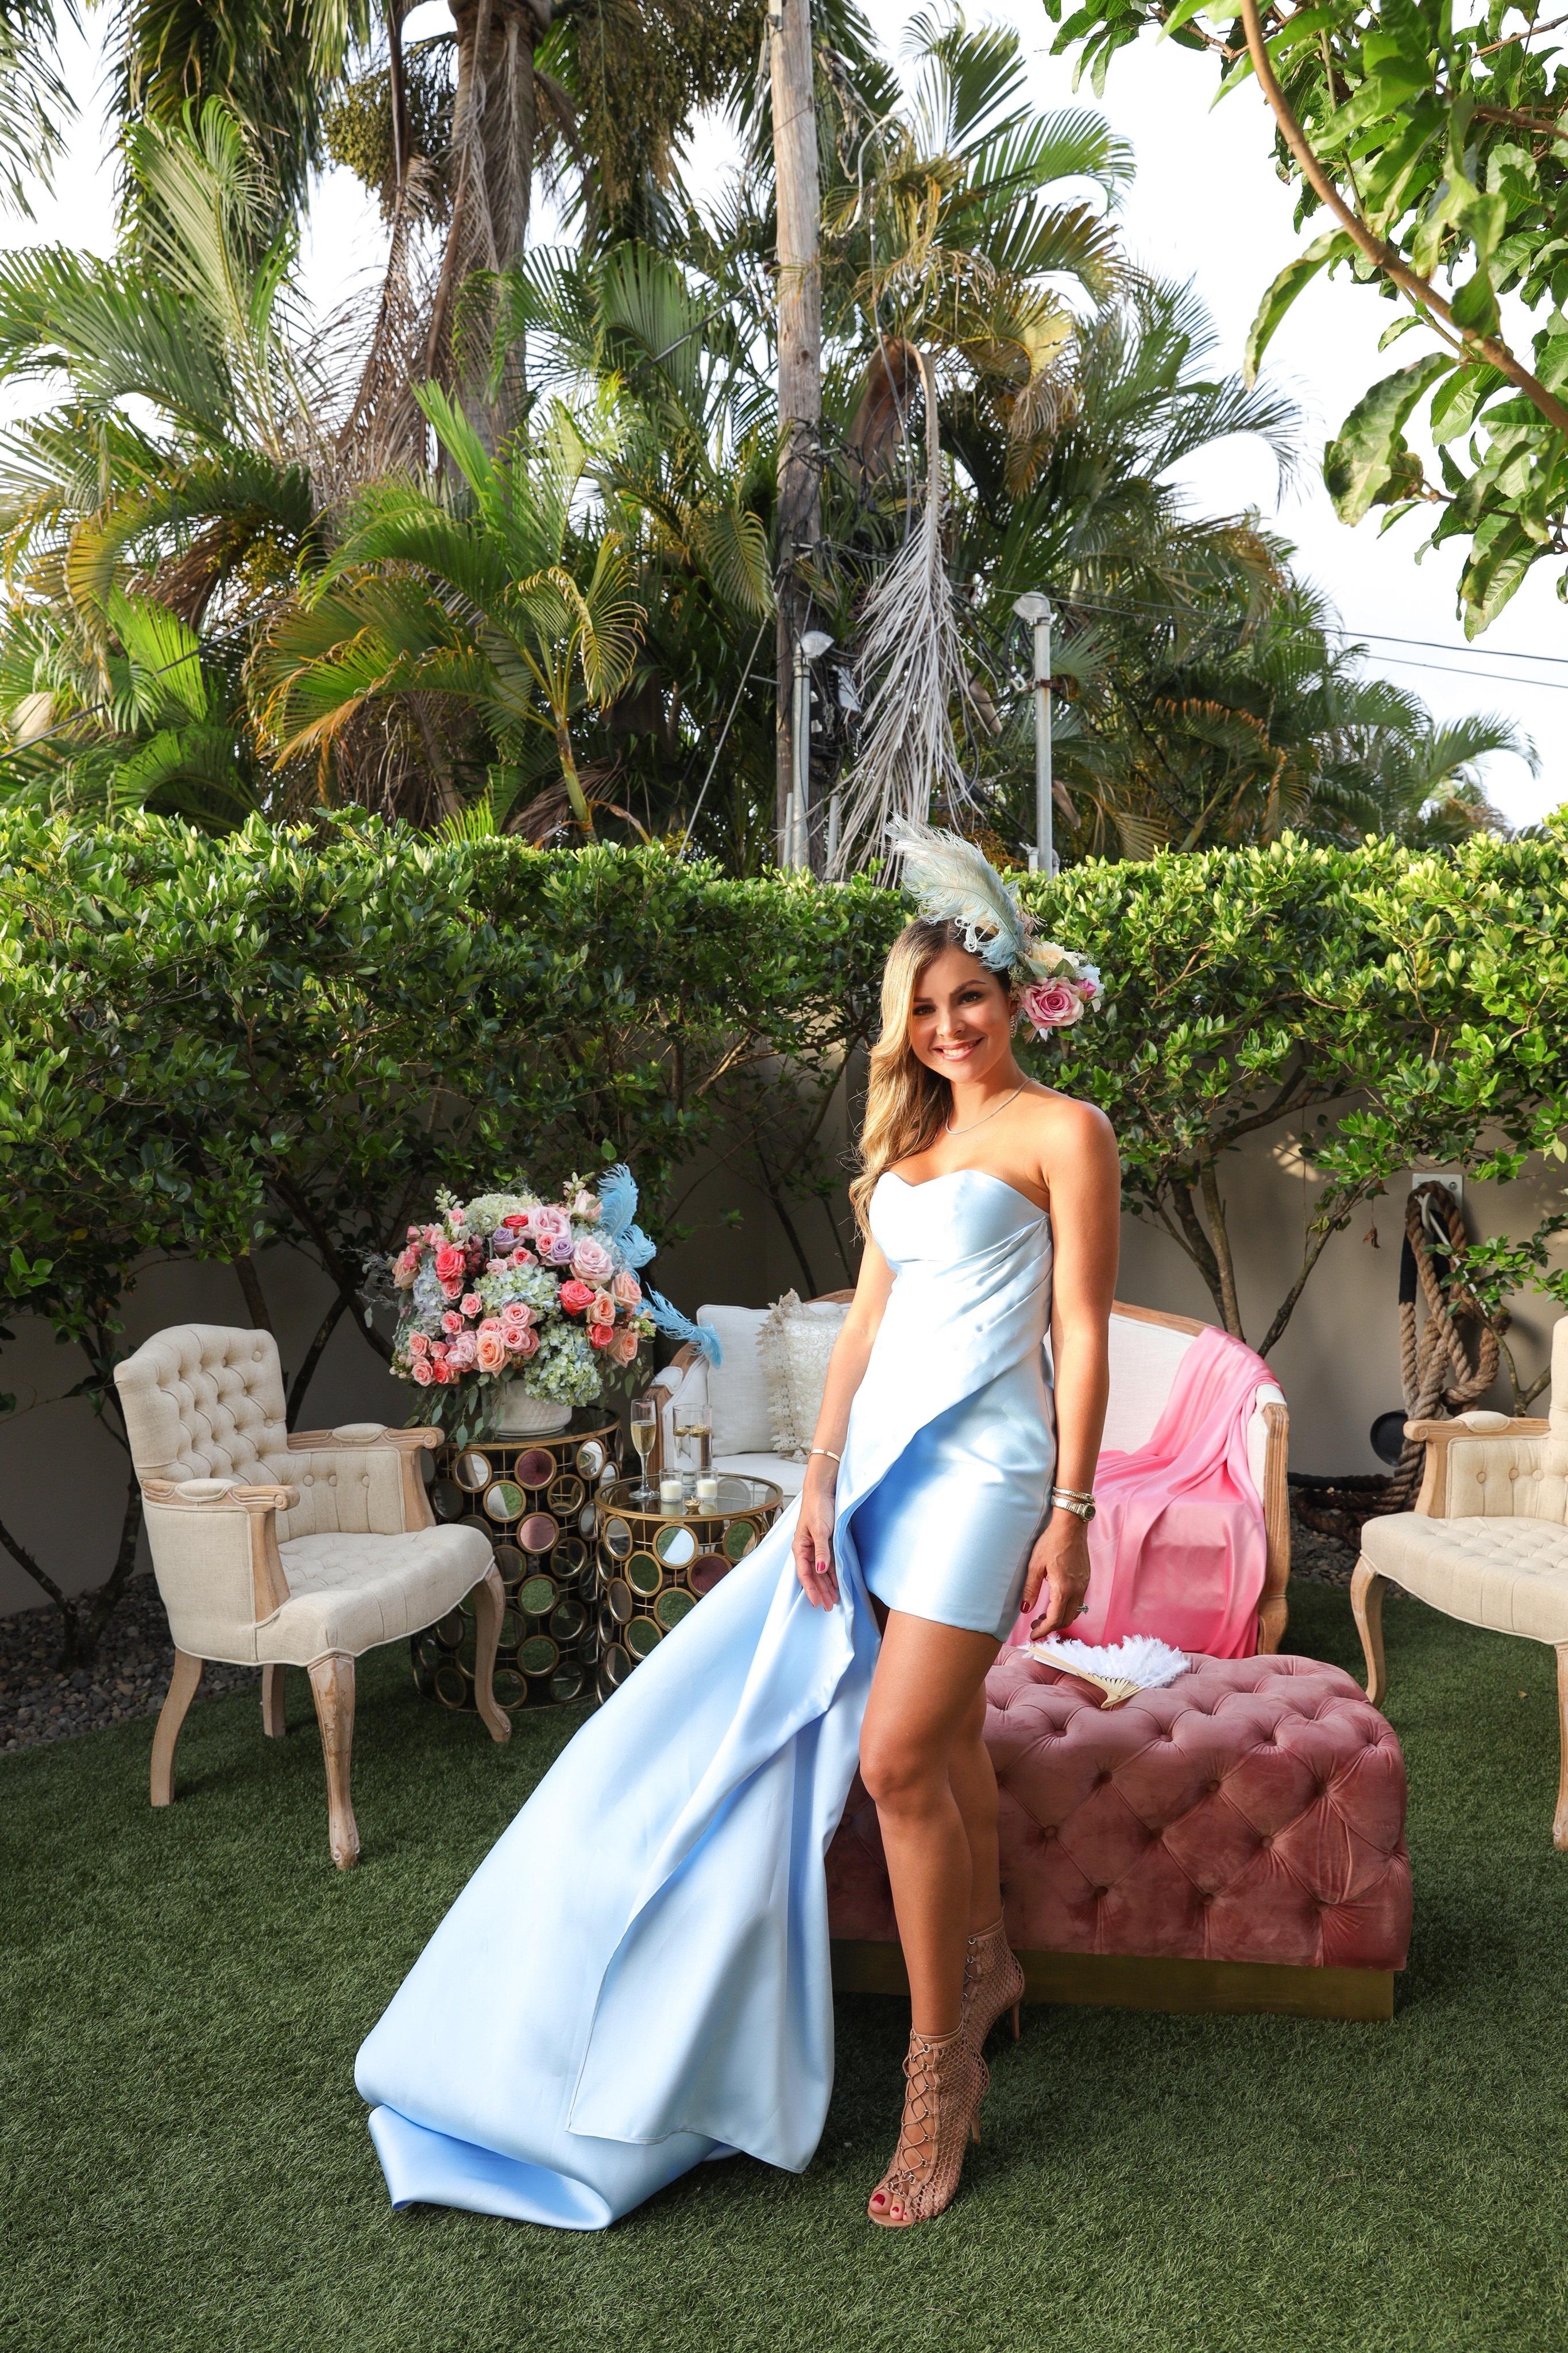 La homenajeada lució un vestido diseñado por Jean Cintrón y un tocado de Casa Flor Ana Cintrón. (Suministrada/Karina Margary)